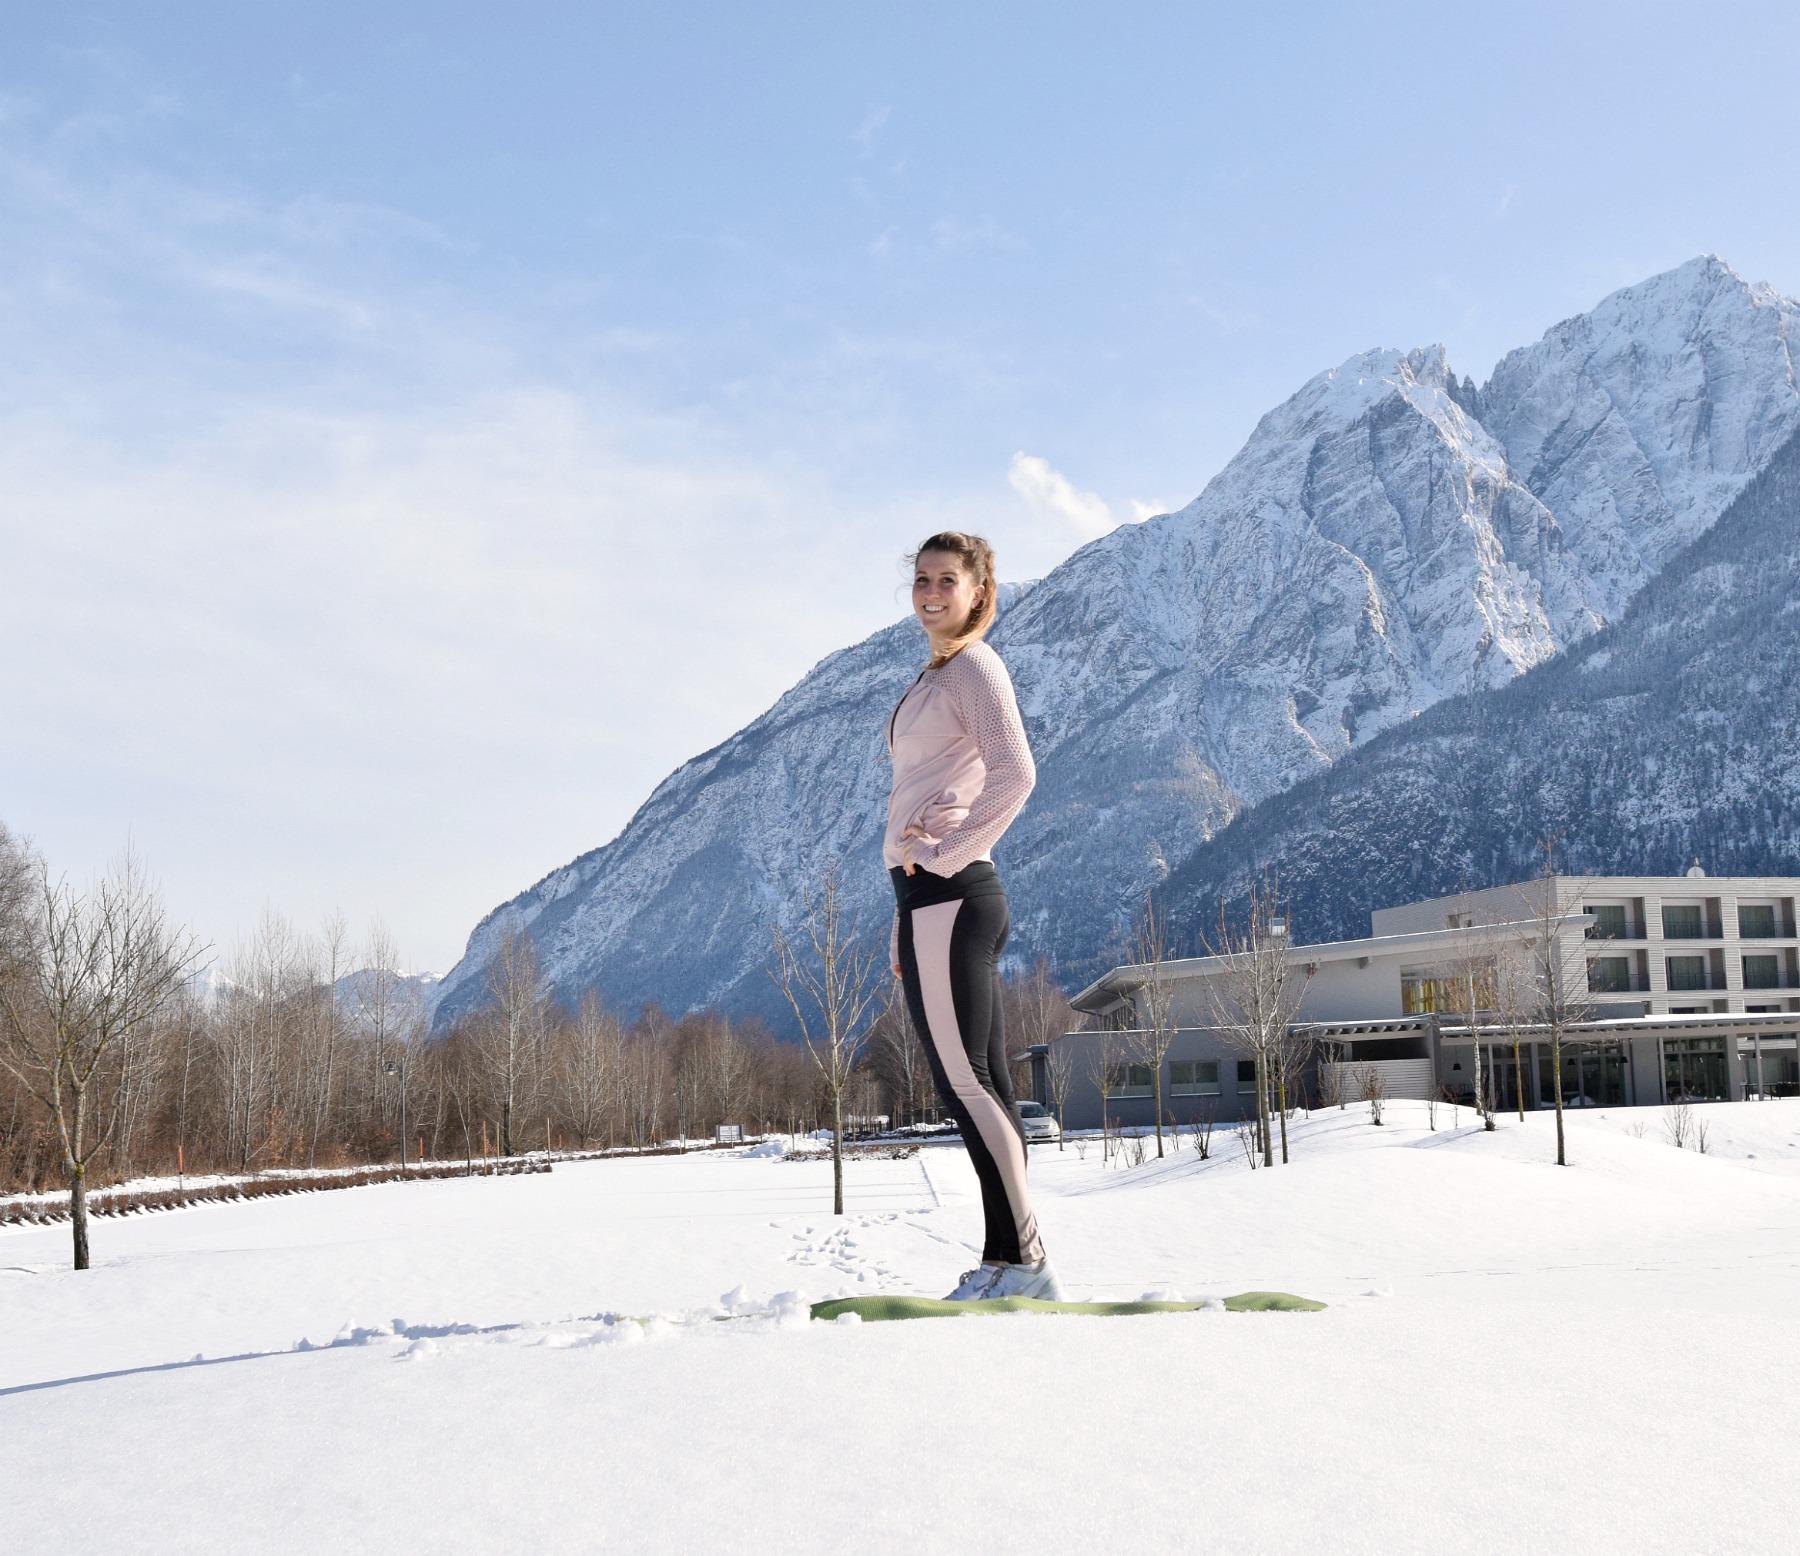 Fitnessblog-klara-fuchs-hunkemöller-fitness-blog-sport-training-österreich-blogger